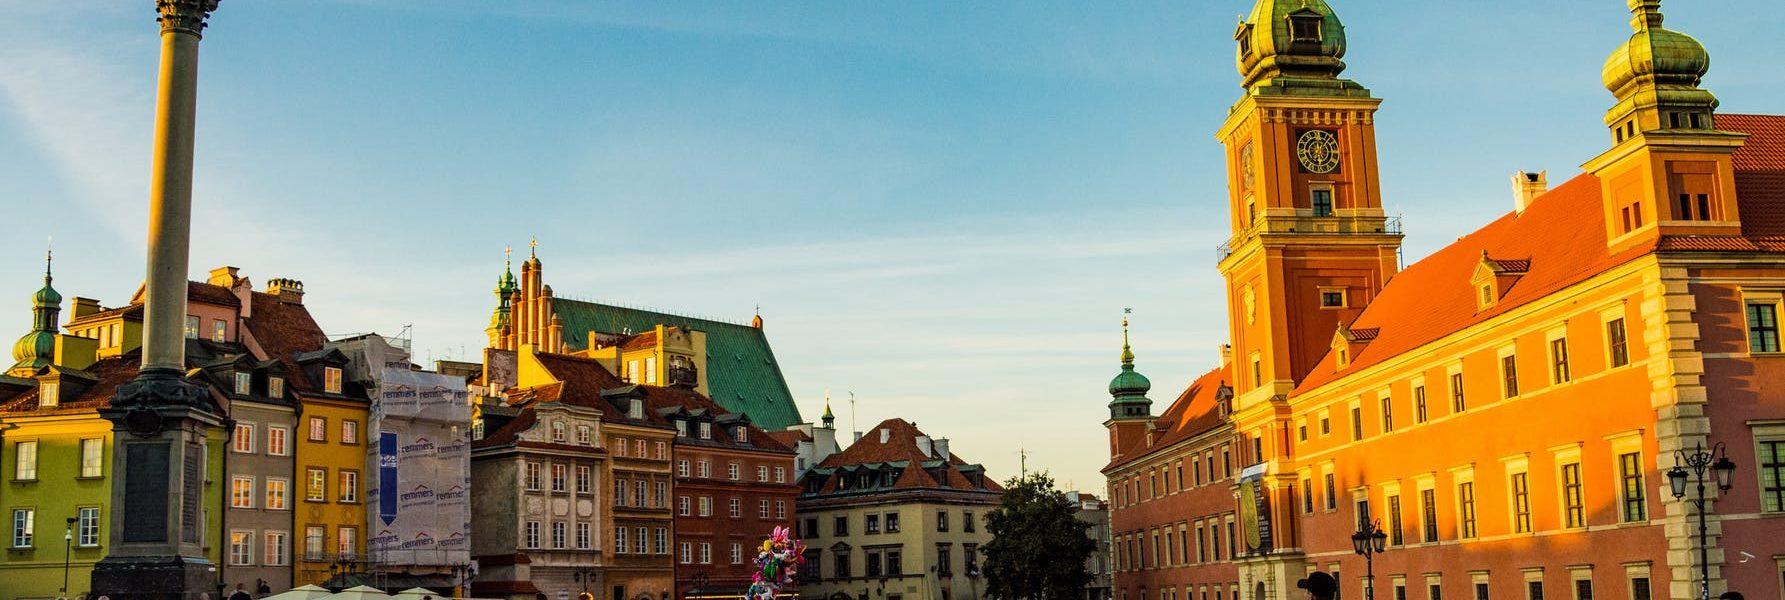 który król przeniósł stolicę do Warszawy